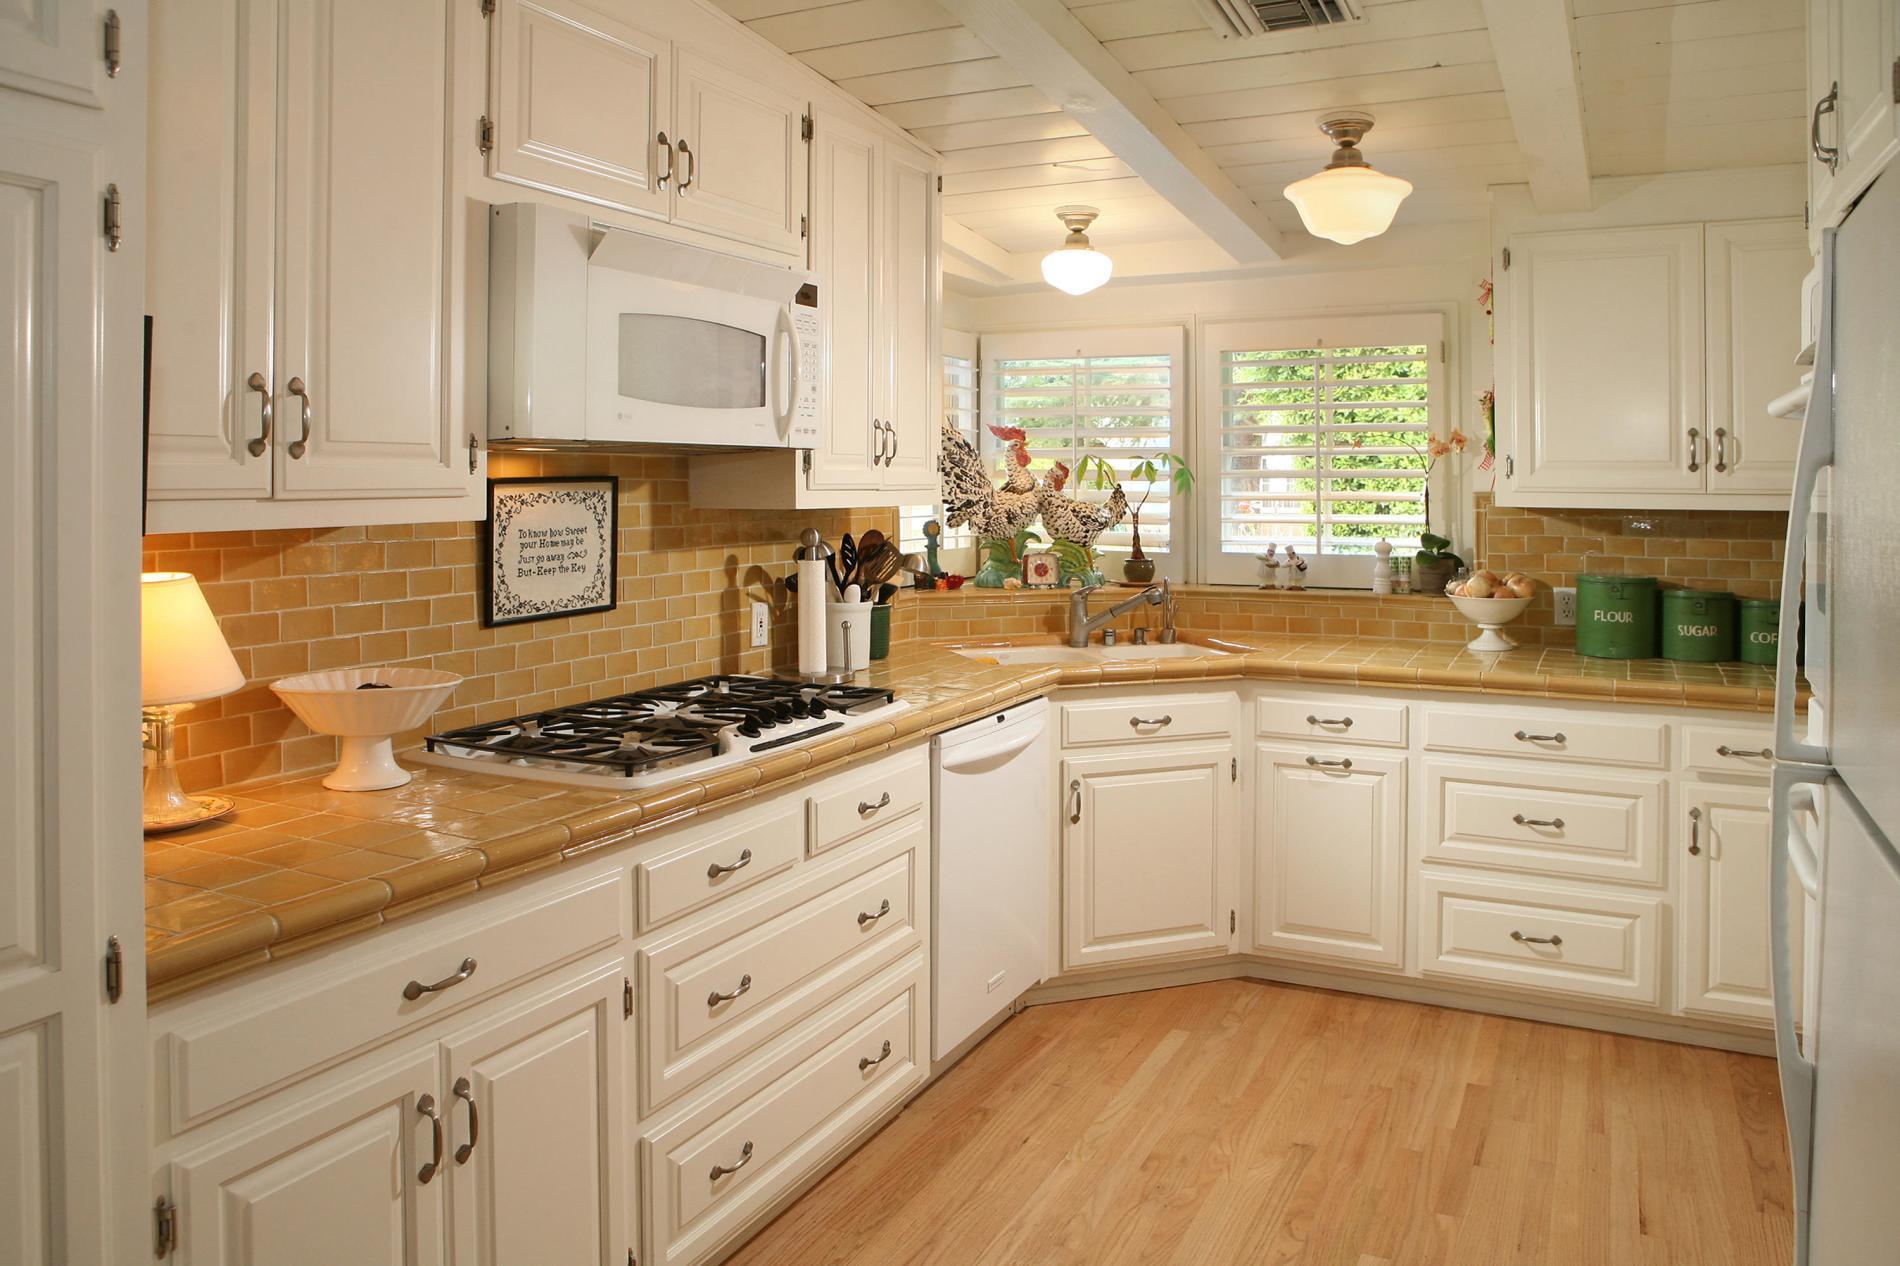 évier-d'angle-pour-plan-de-cuisine-magnifique-blanc-coin-évier-d'armoire-conceptions